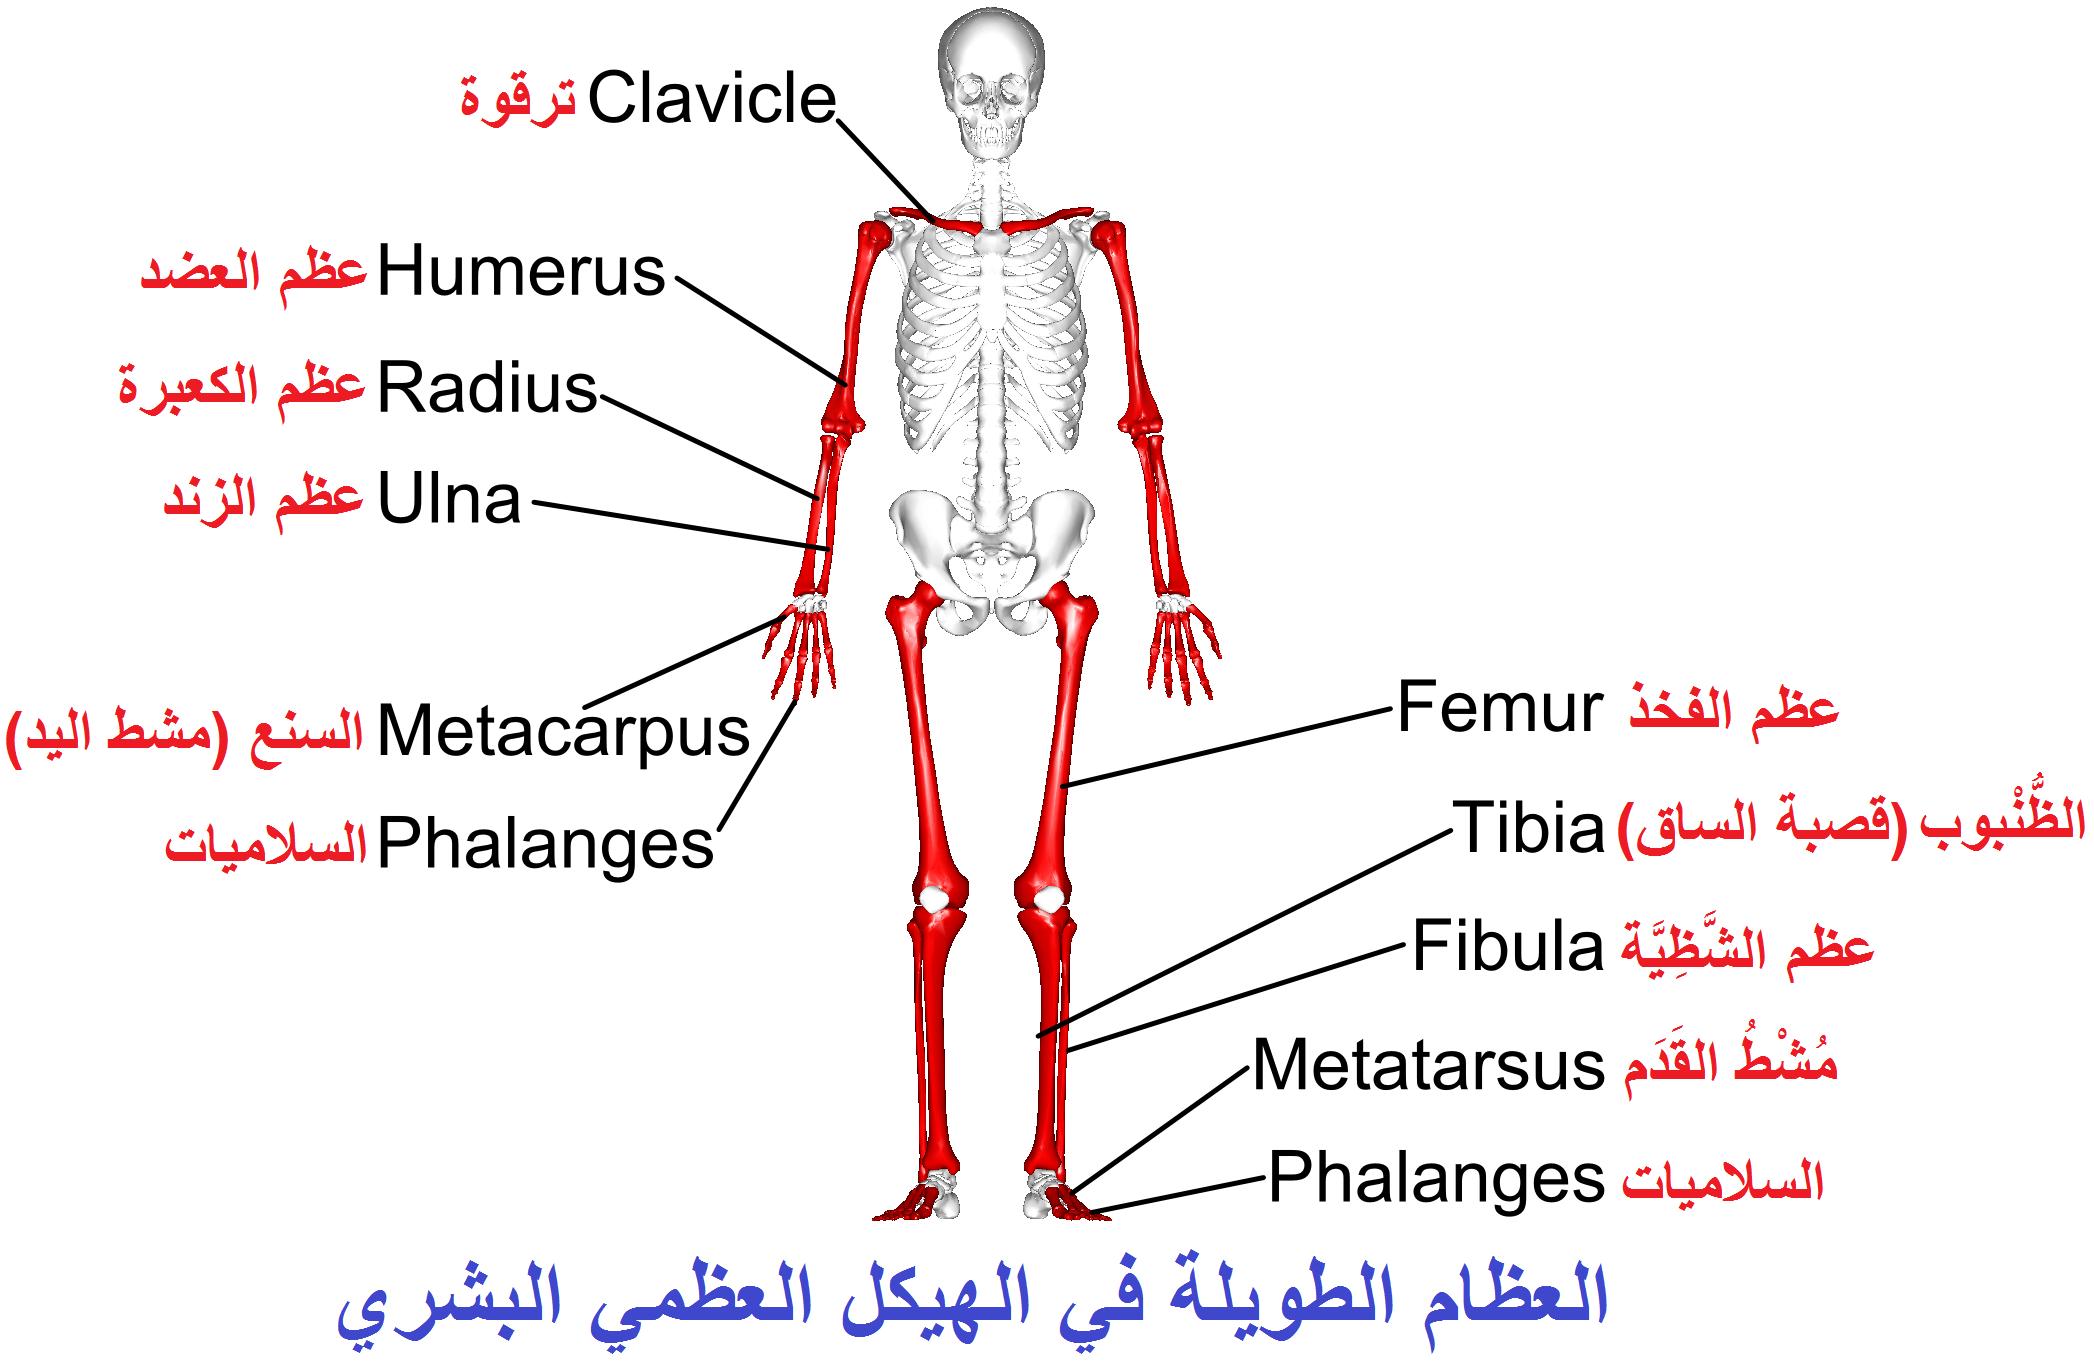 رد: صور اسماء اجزاء جسم الانسان باللغه الانجليزيه